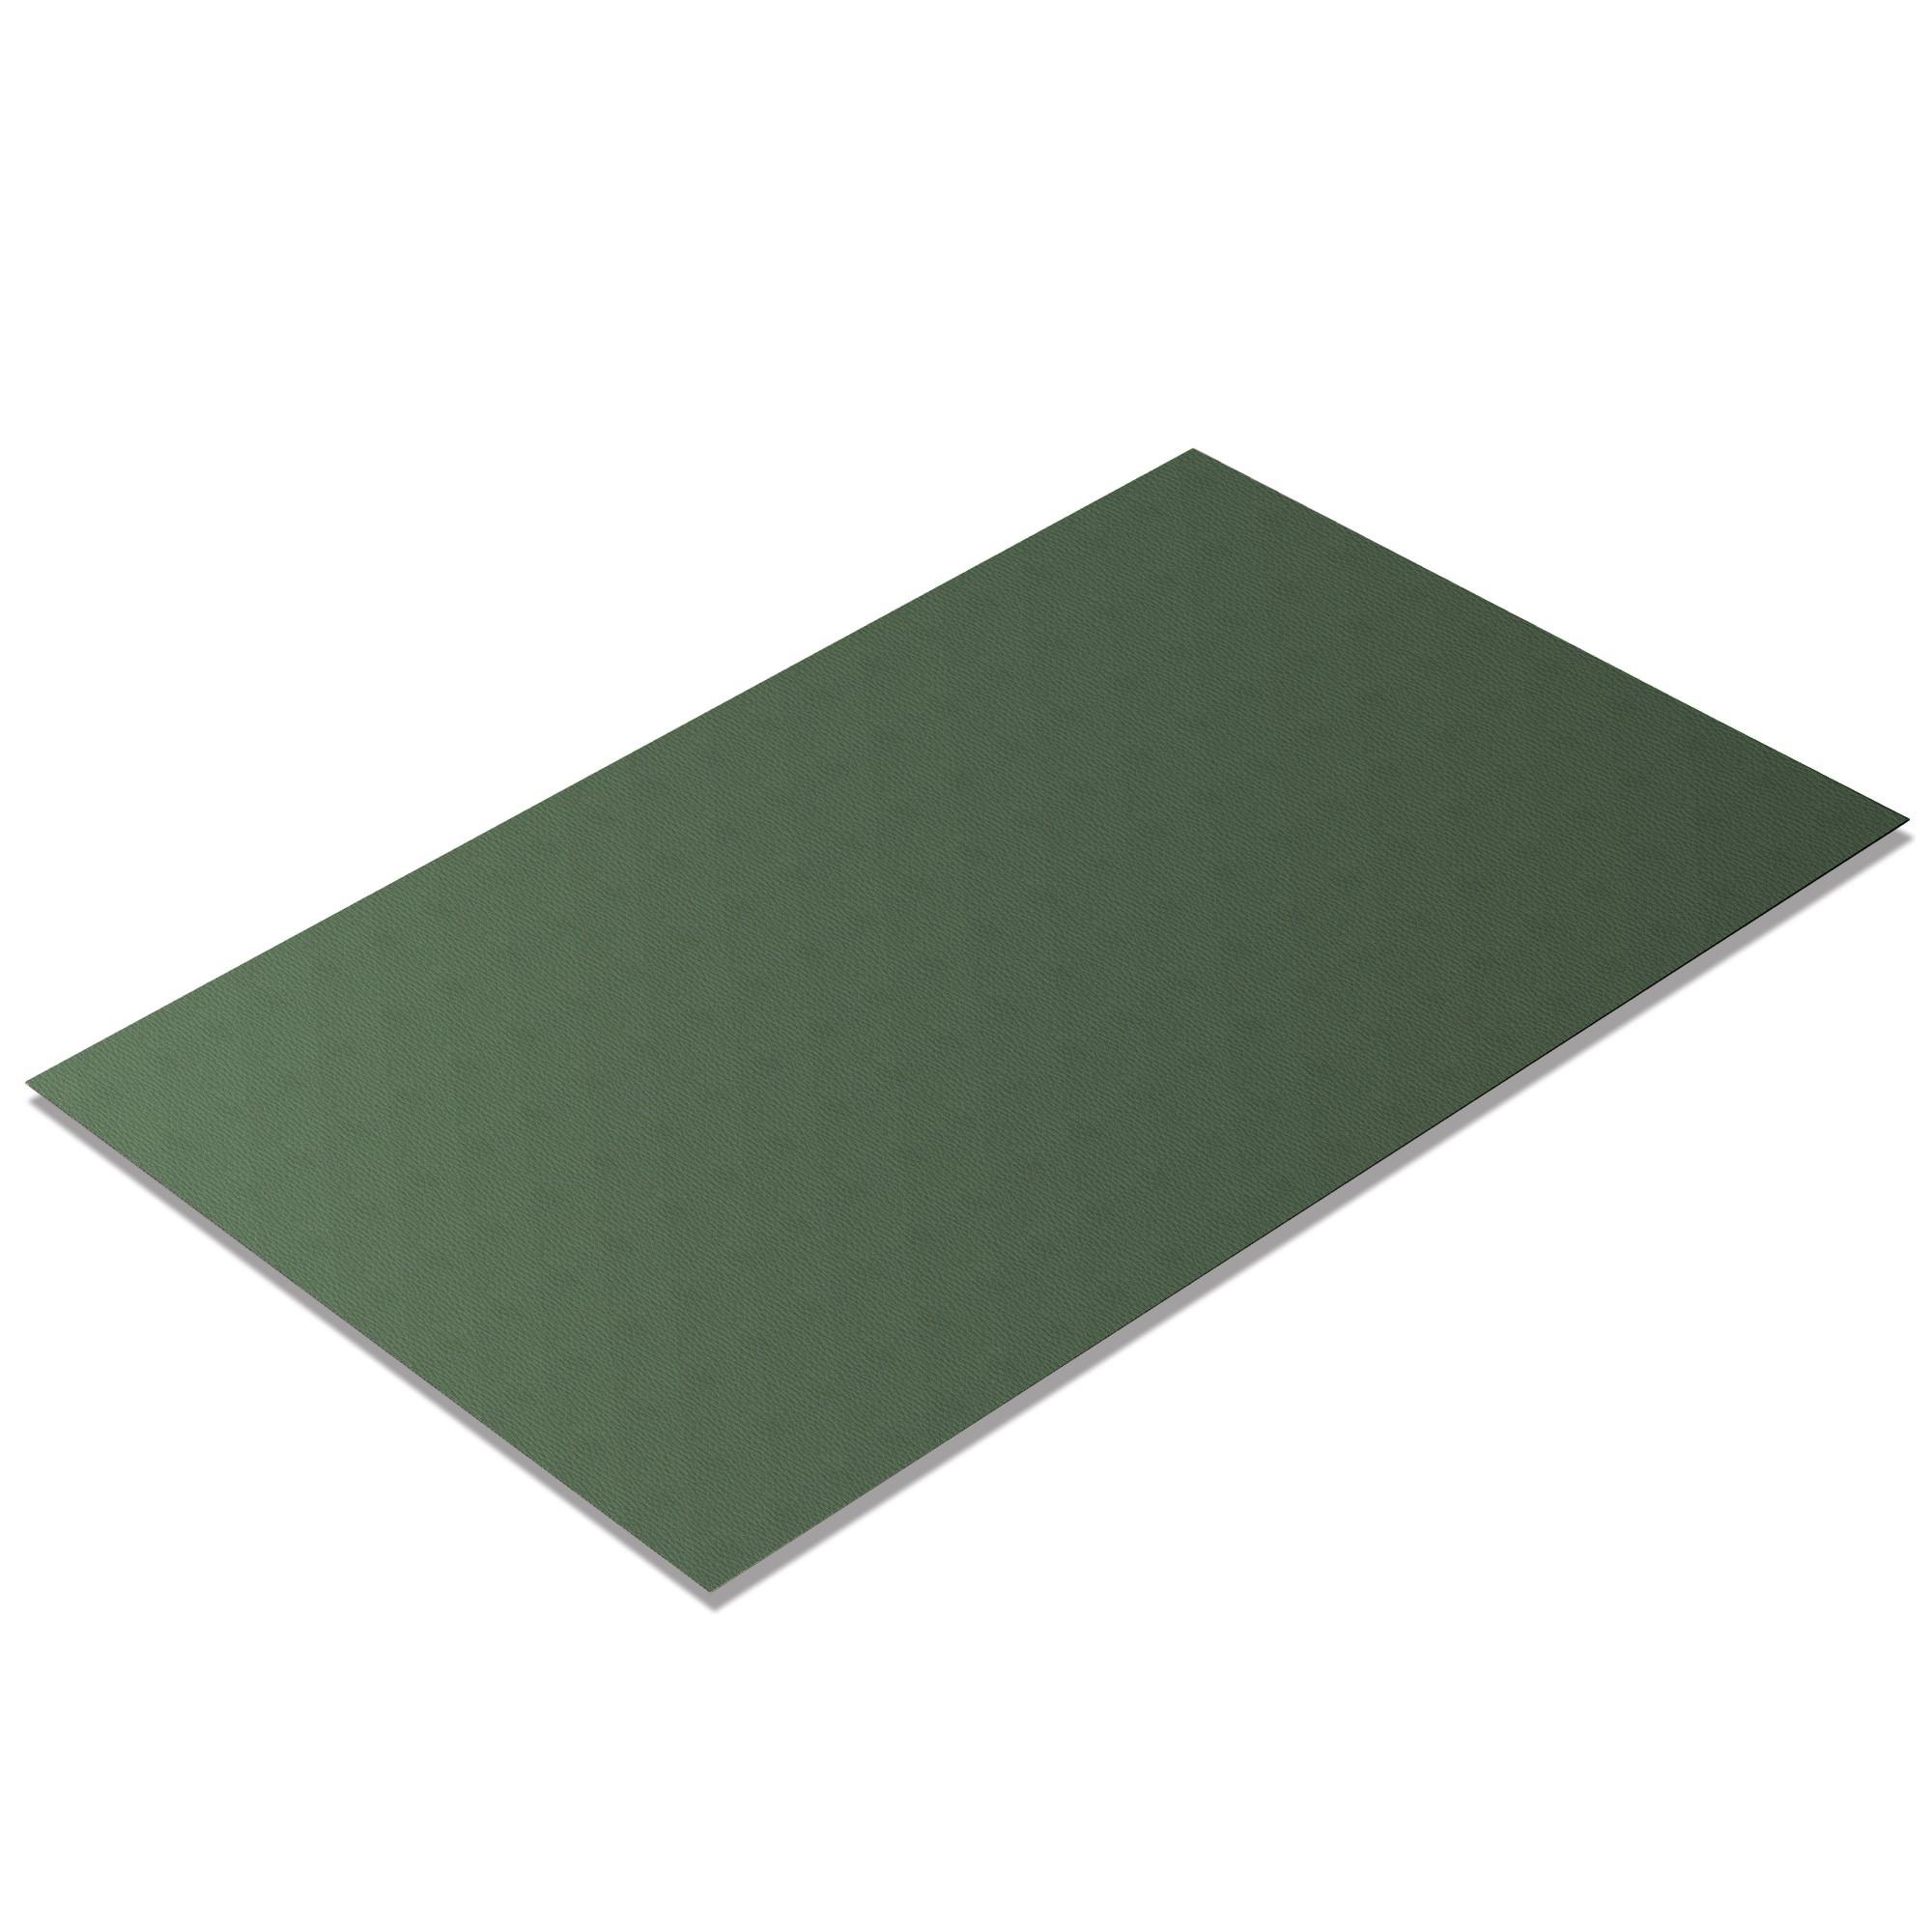 Kunstleder Meterware Nevada Jadegrün [NEV851]